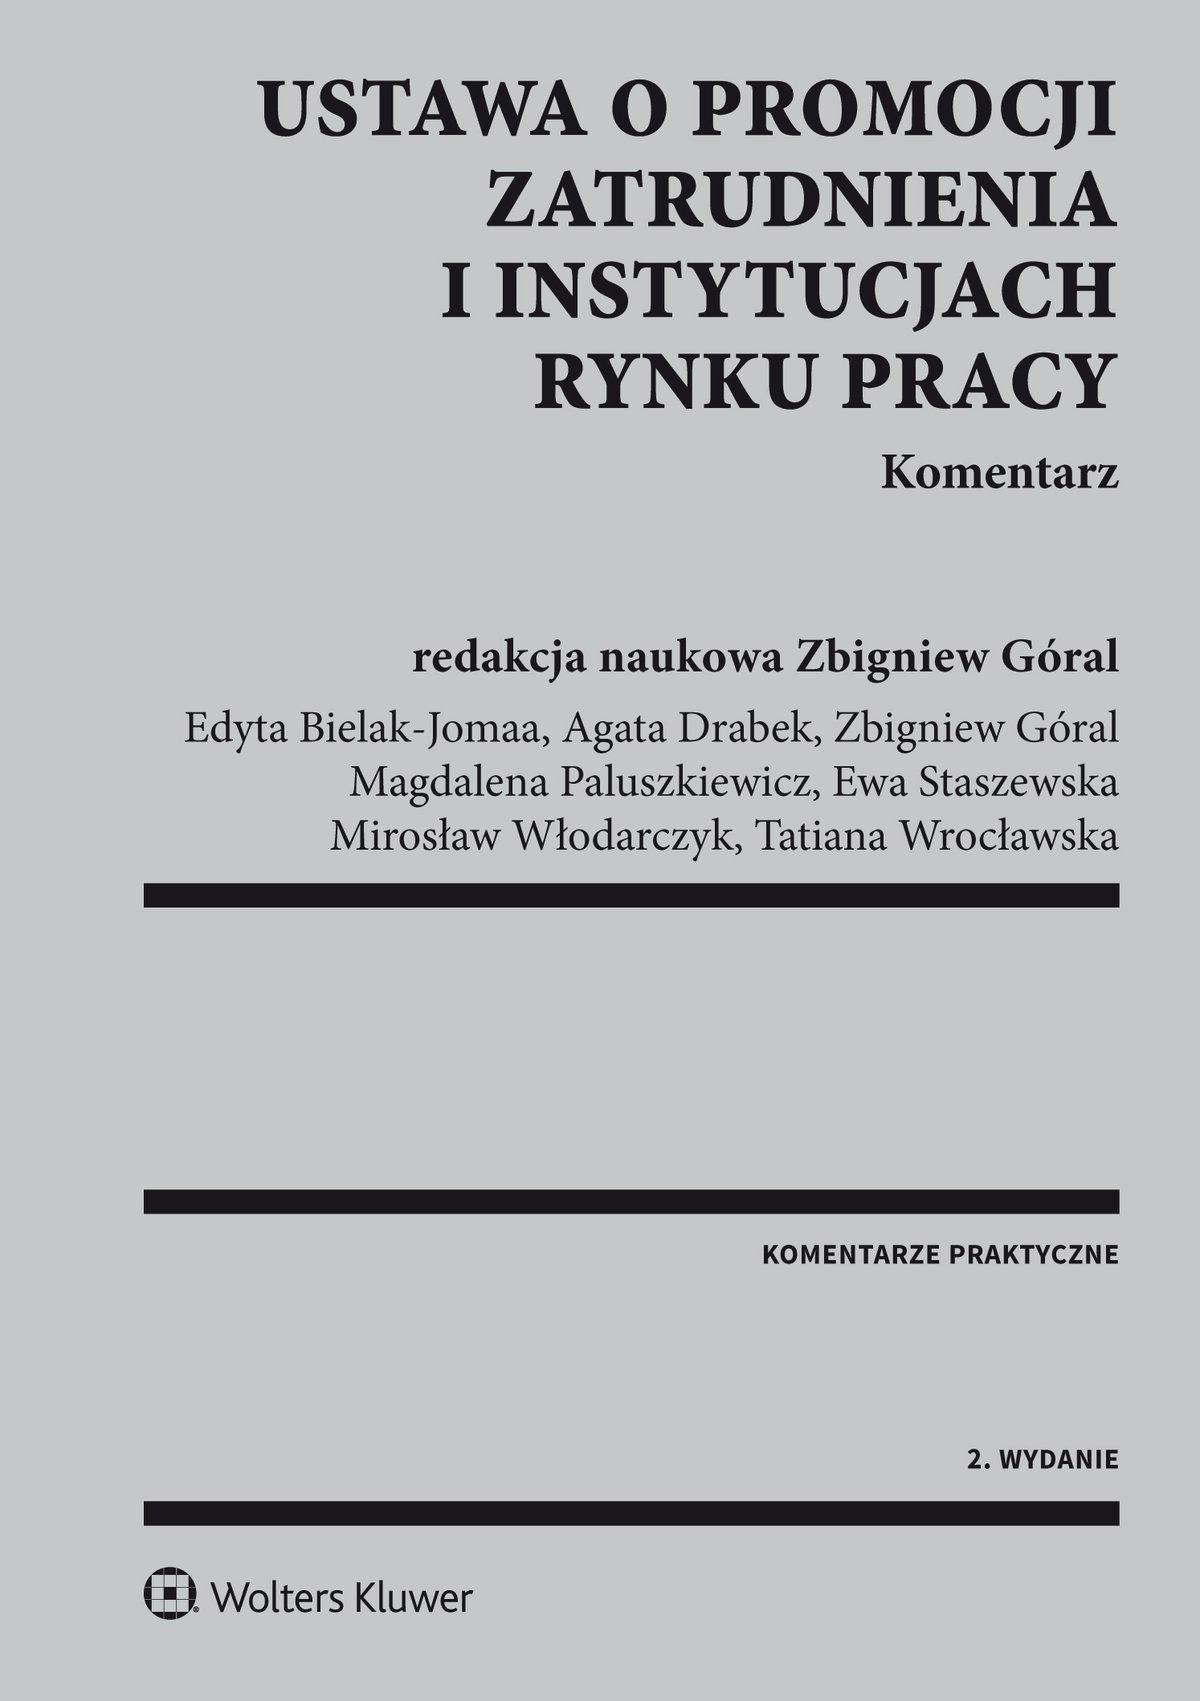 Ustawa o promocji zatrudnienia i instytucjach rynku pracy. Komentarz - Ebook (Książka EPUB) do pobrania w formacie EPUB